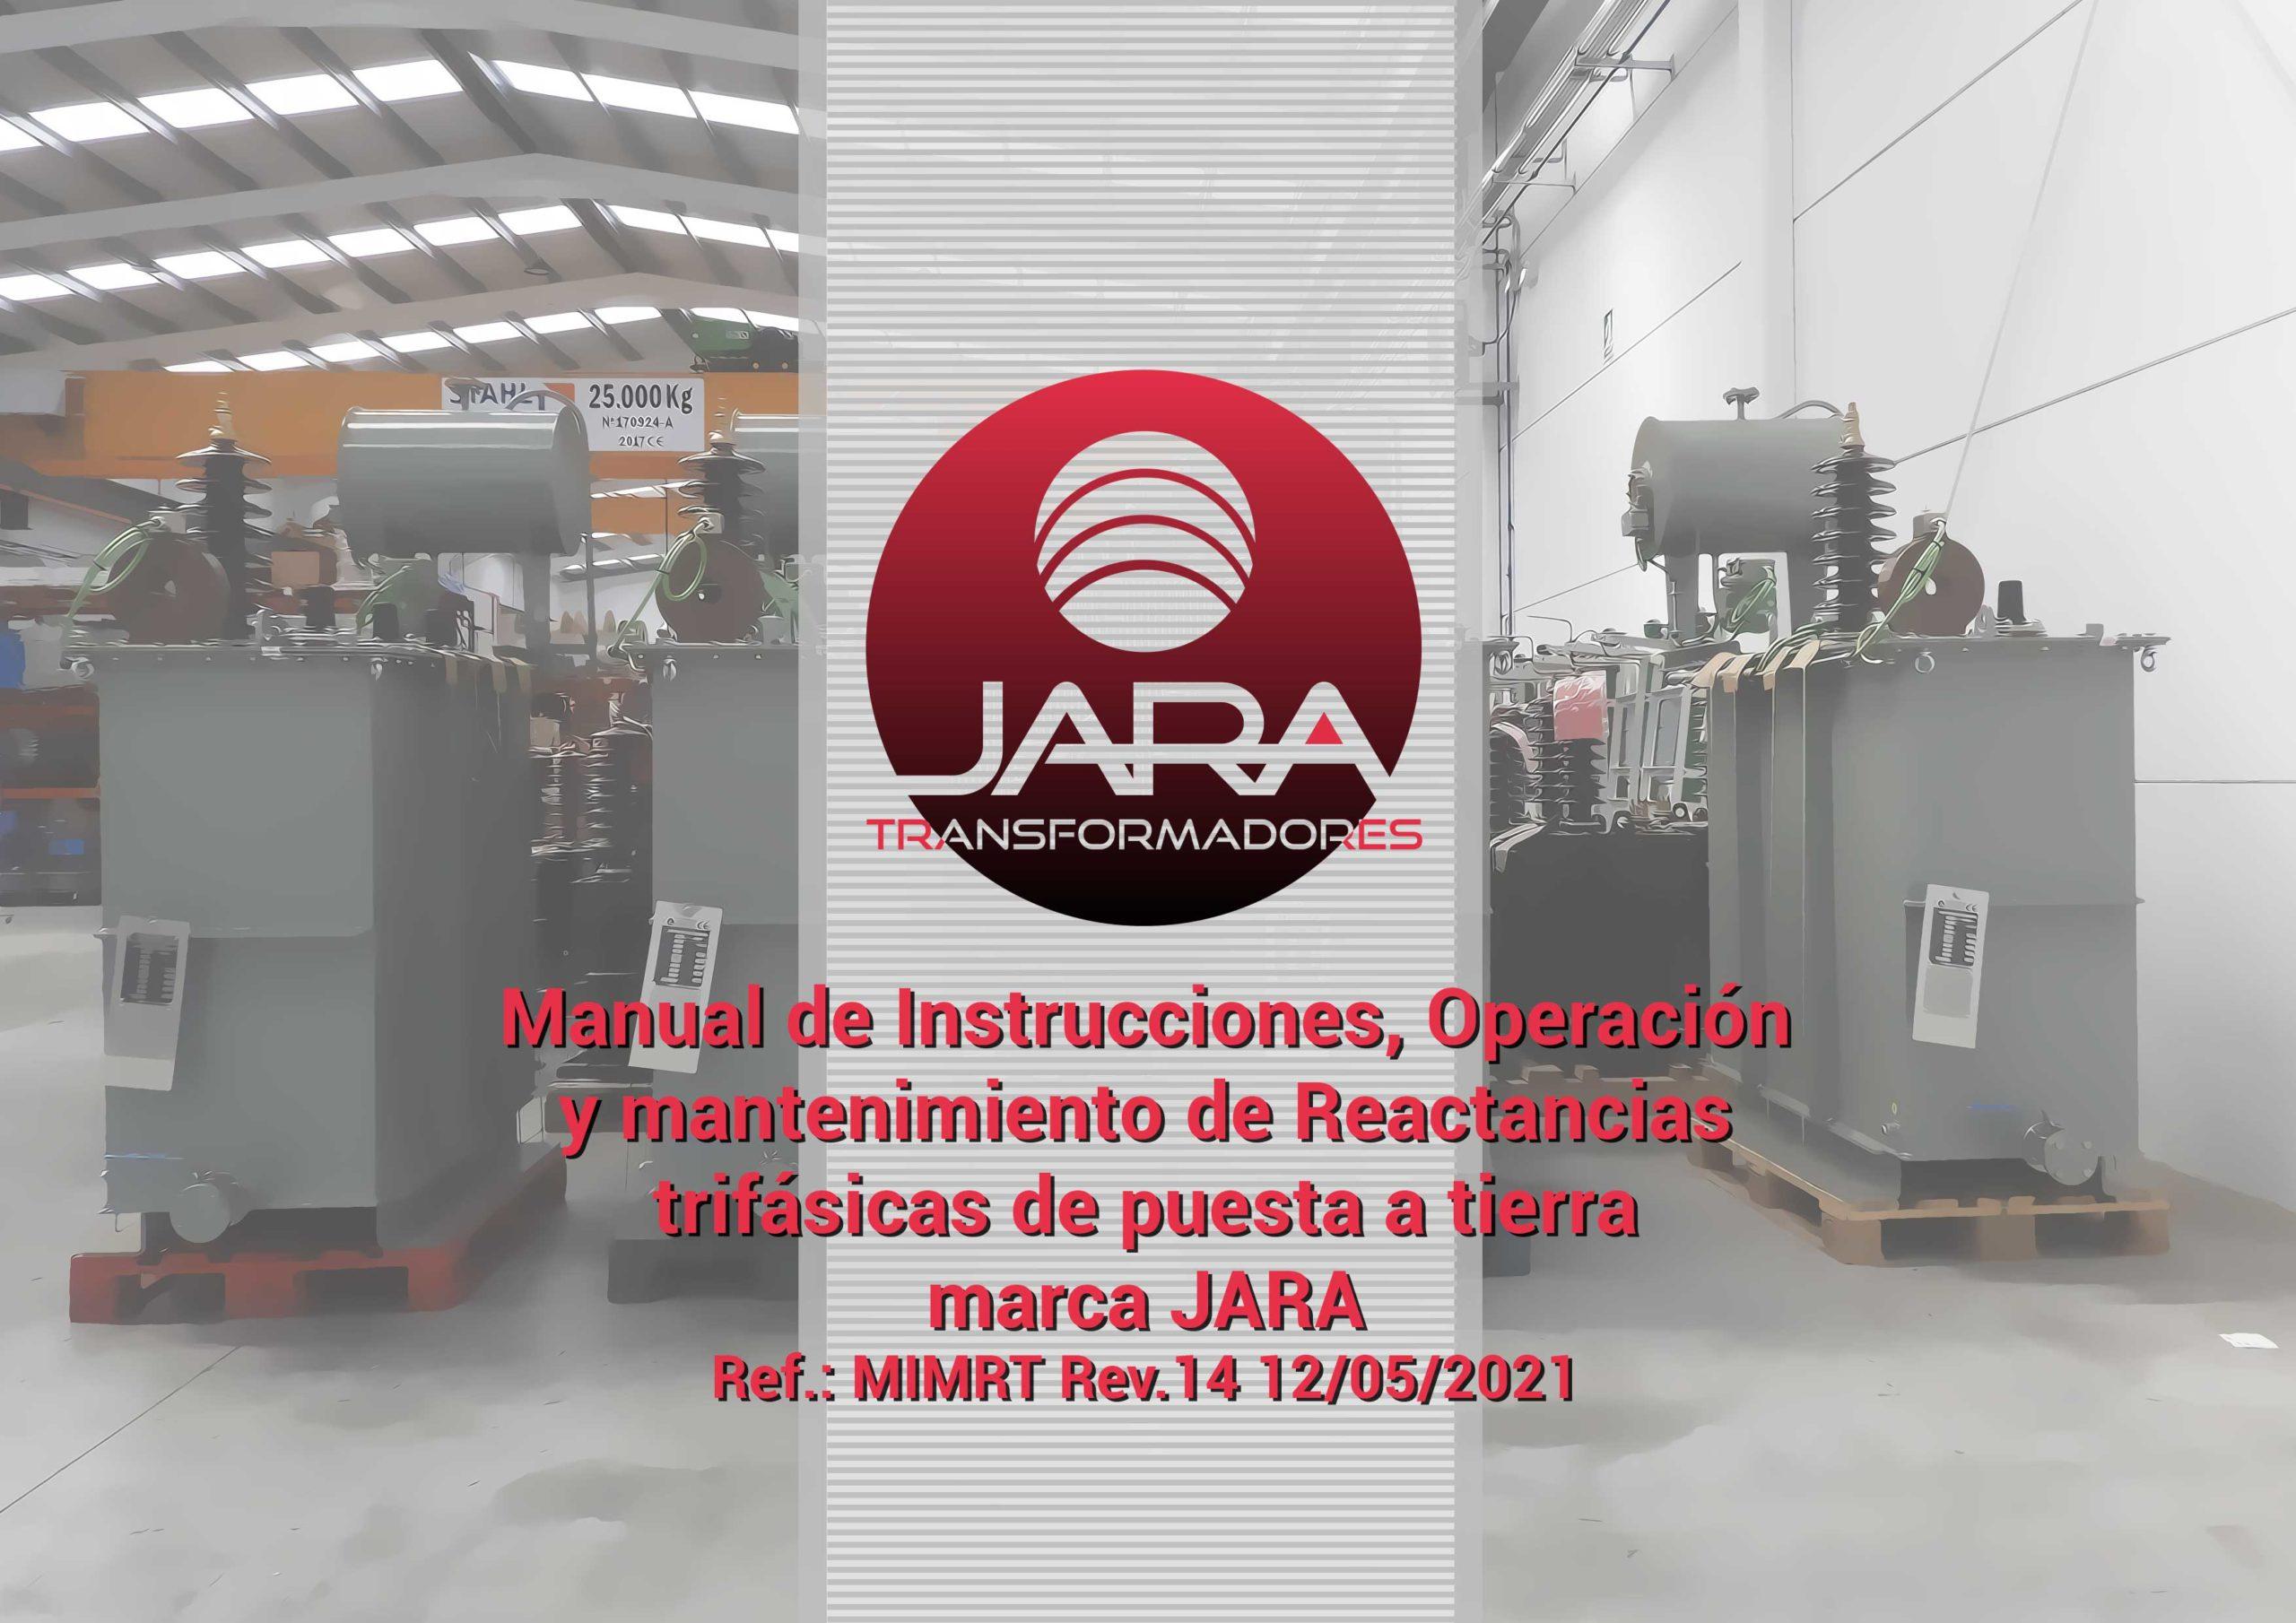 reactancias_jara_portada